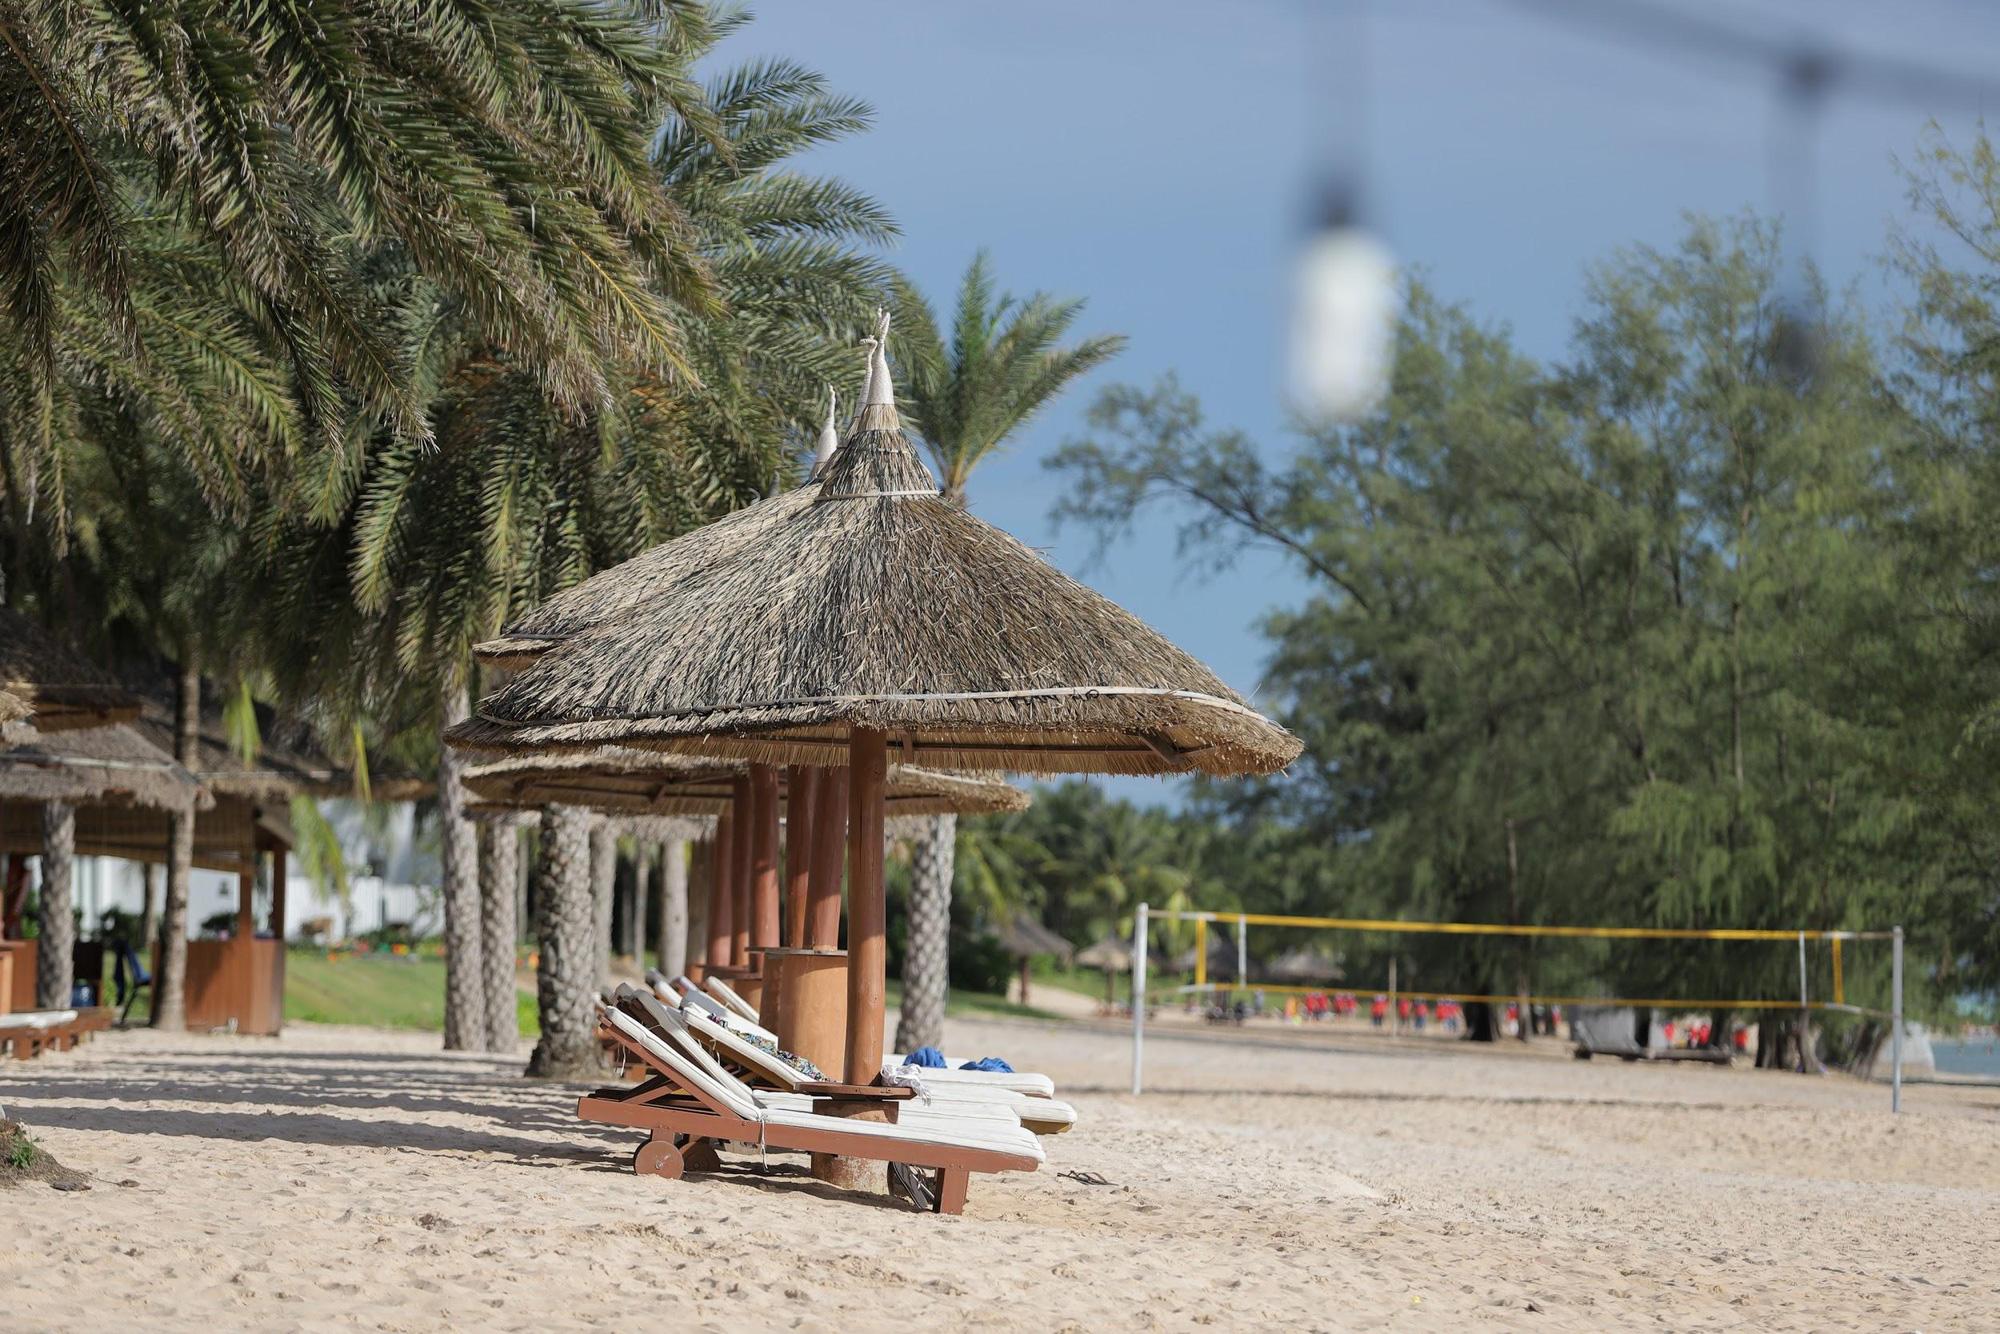 """Bộ ảnh """"chill"""" hết nấc của những người may mắn nhất được nhãn hàng bao trọn gói chuyến du lịch nghỉ dưỡng chanh sả tại resort 5 sao Vinpearl Phú Quốc - Ảnh 15."""